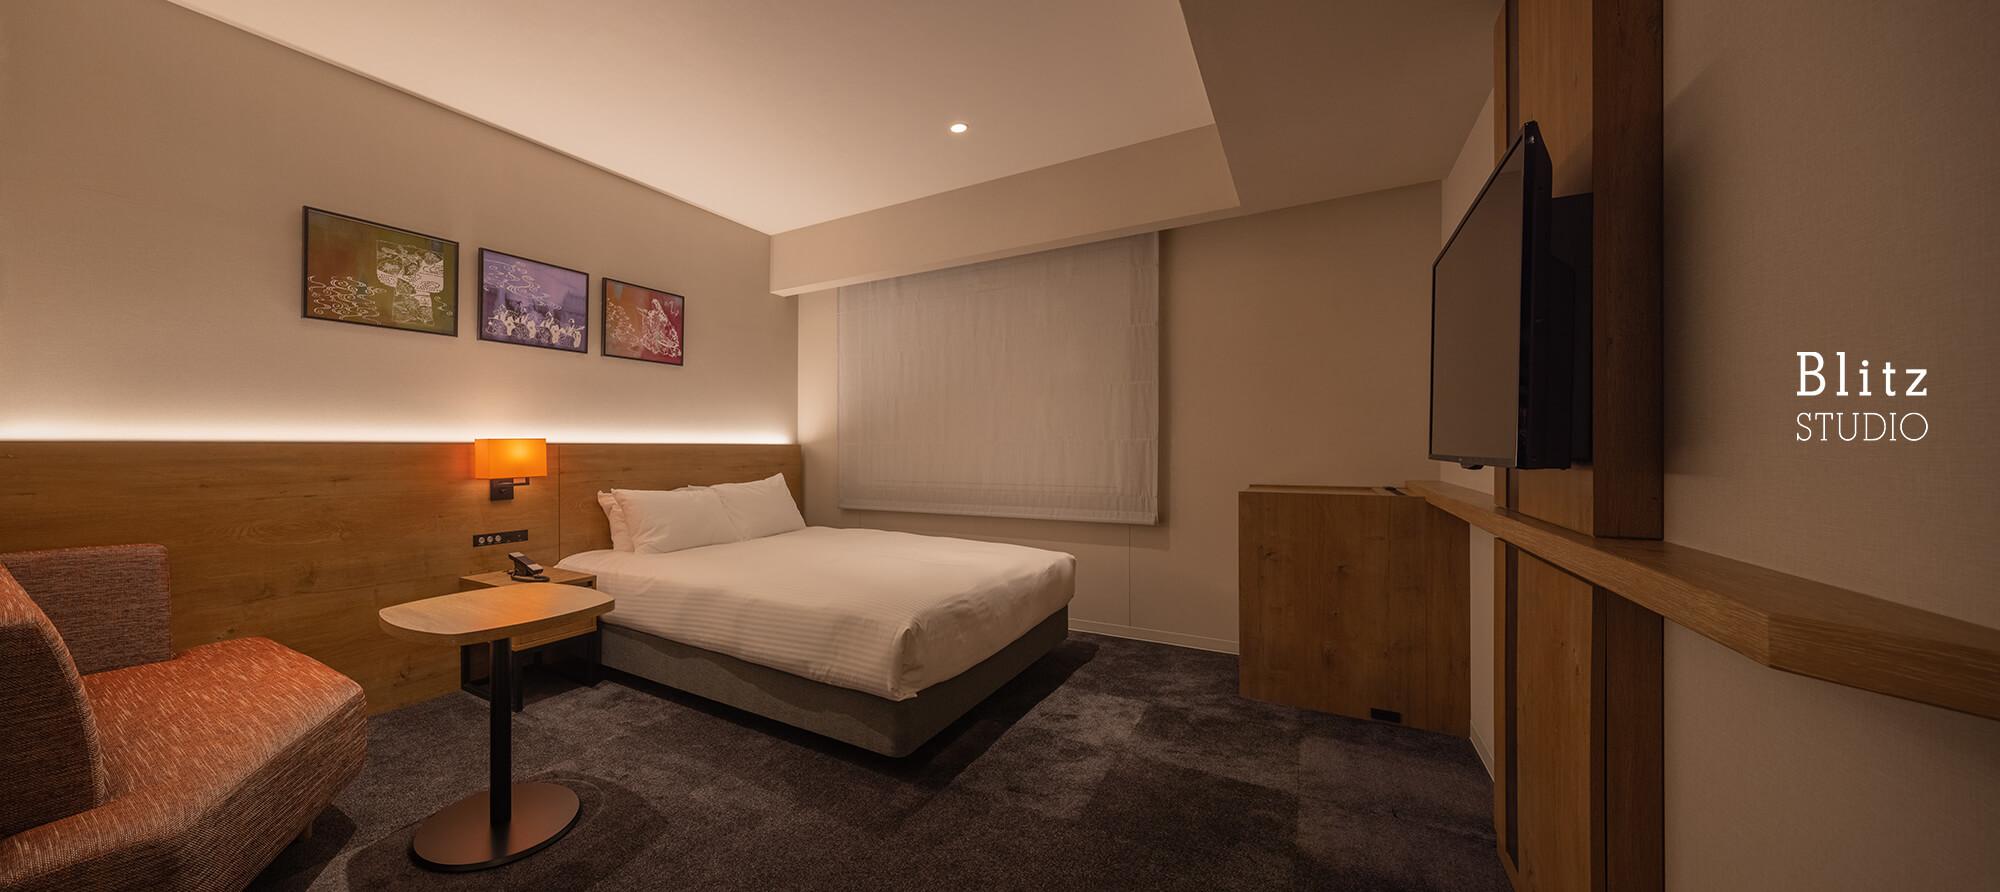 『ホテルフォルツァ大阪道頓堀』建築写真・竣工写真・インテリア写真13